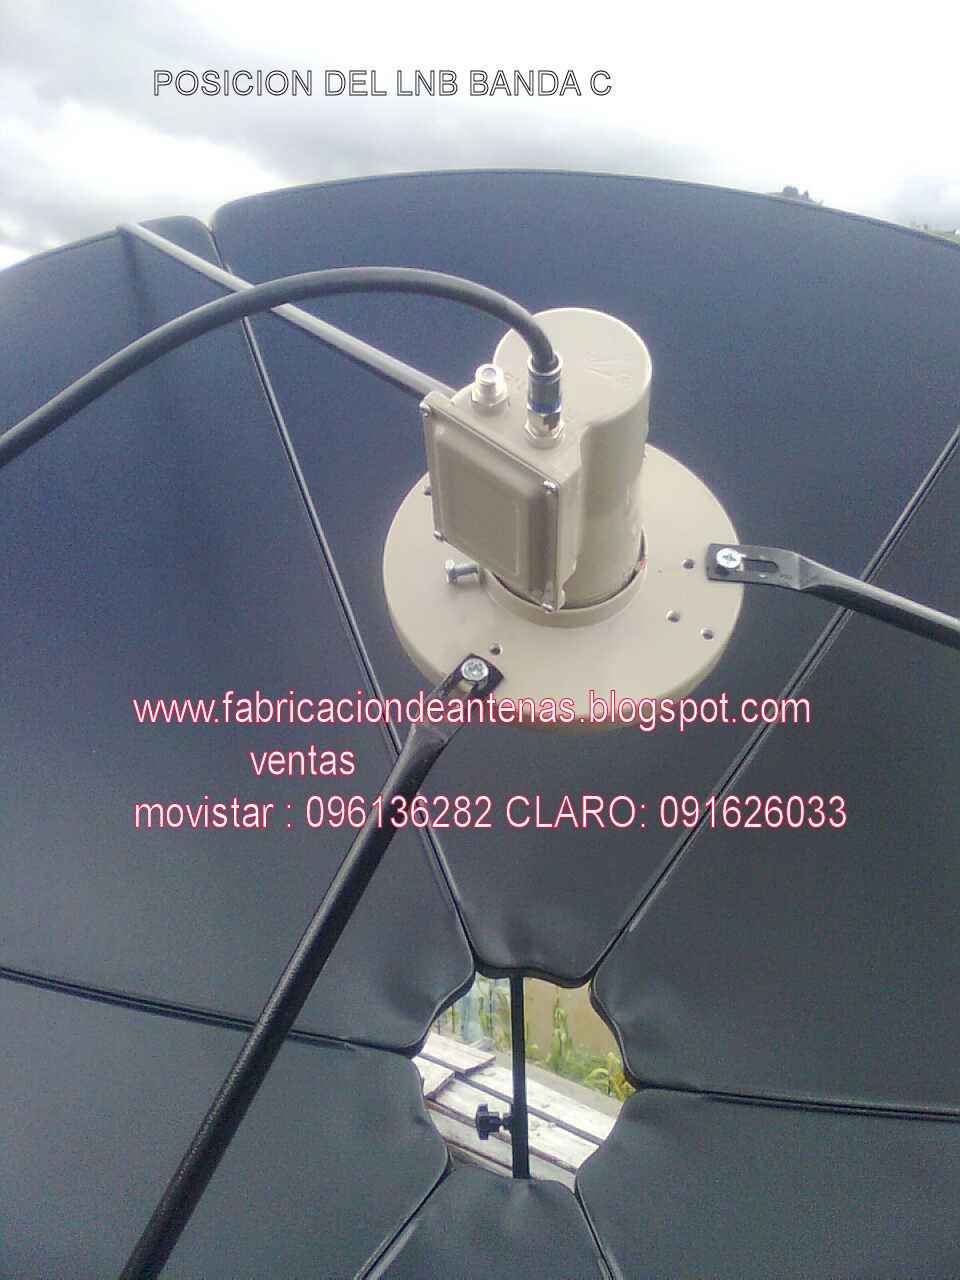 Antenas de television antena parabolica banda c - Precios de antenas de television ...